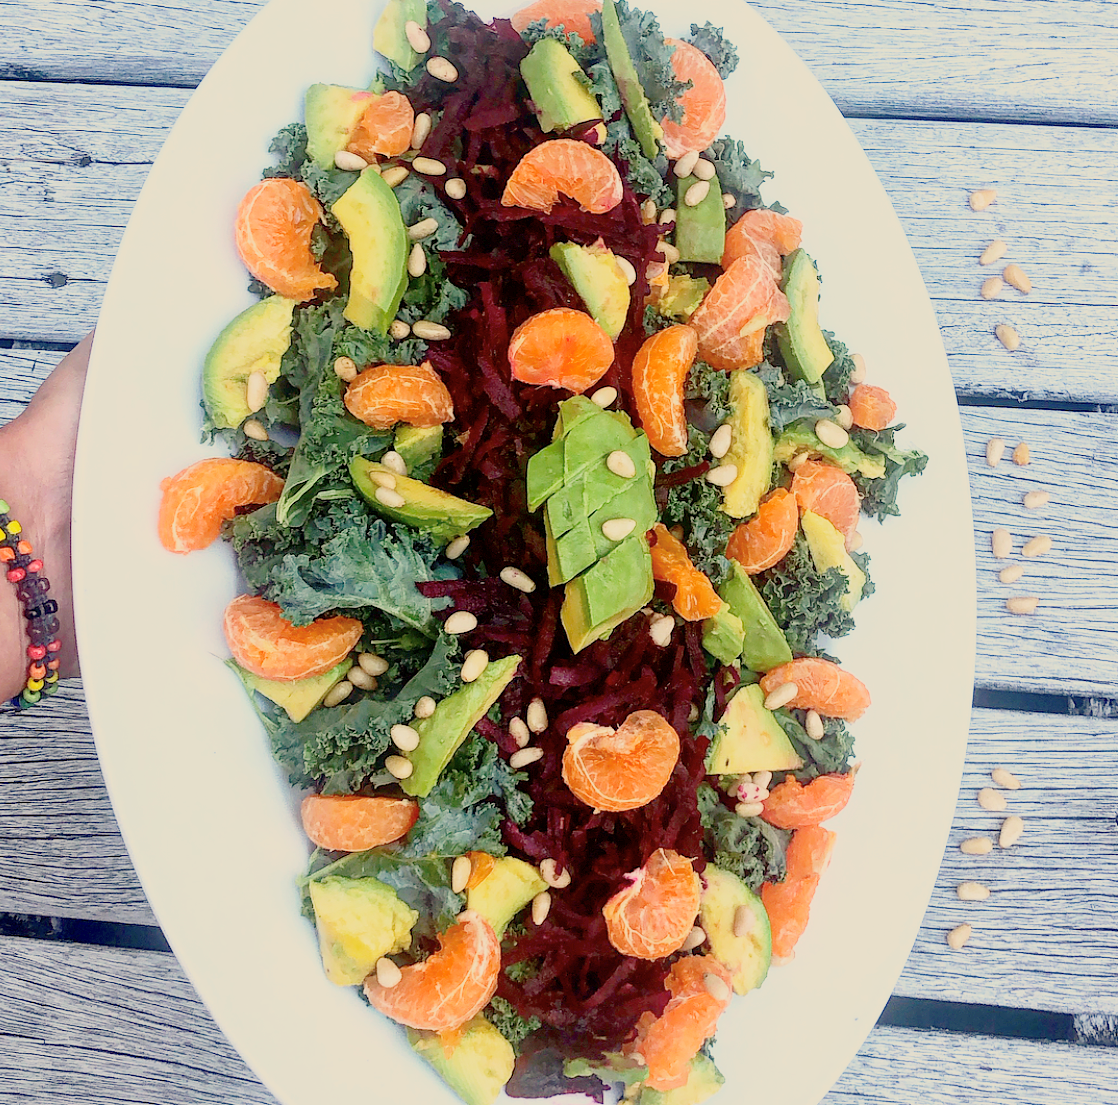 Colourful Kale Salad